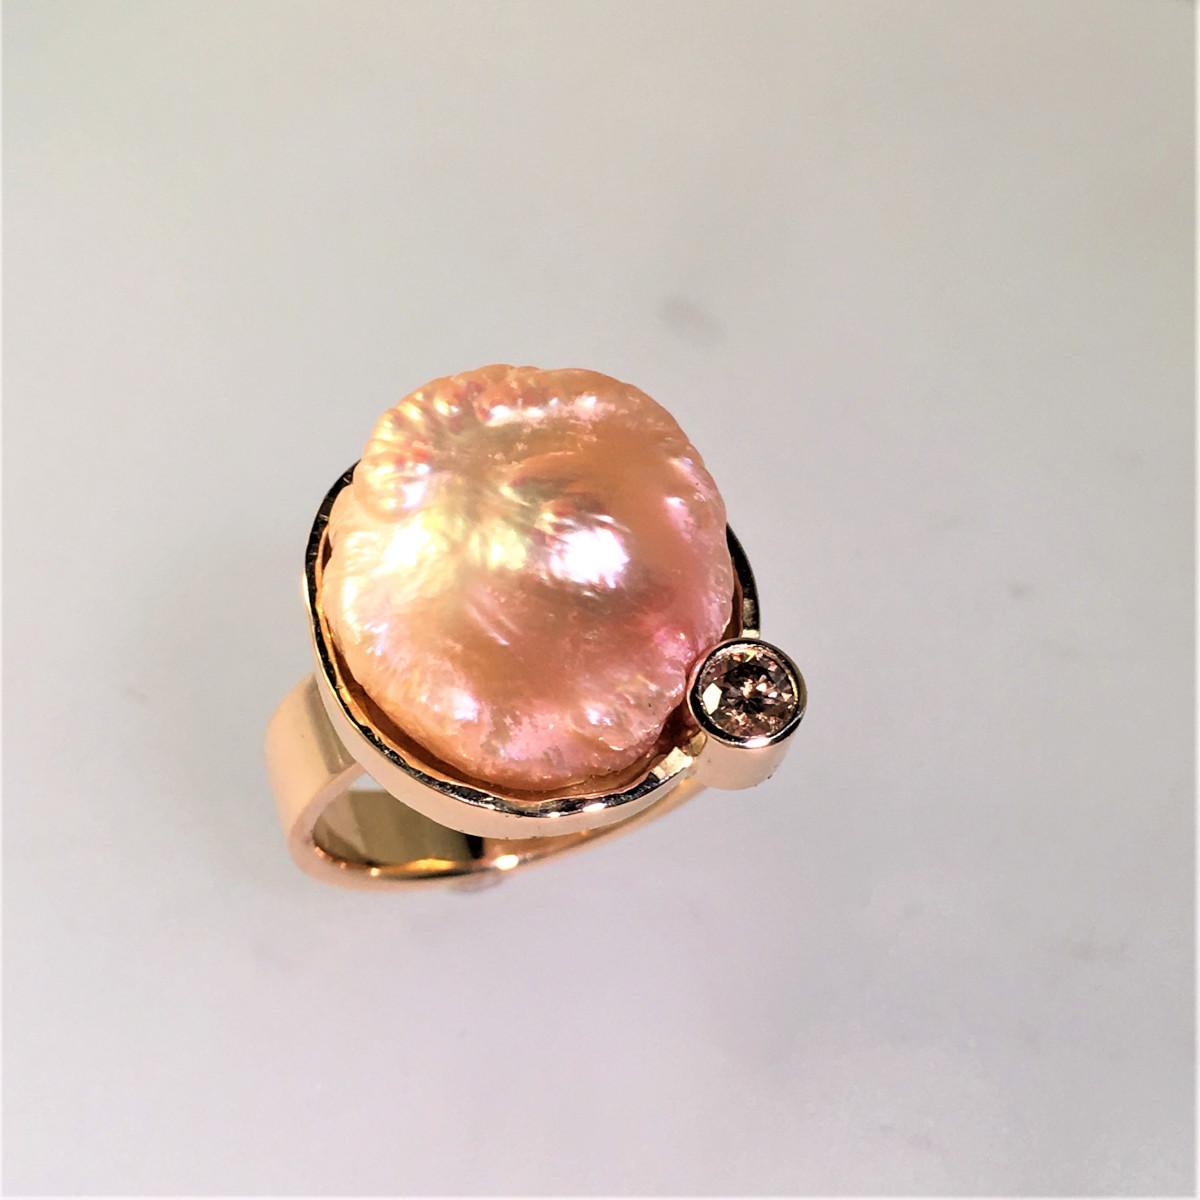 Pärlring, aprikos pärla, bruna diamant